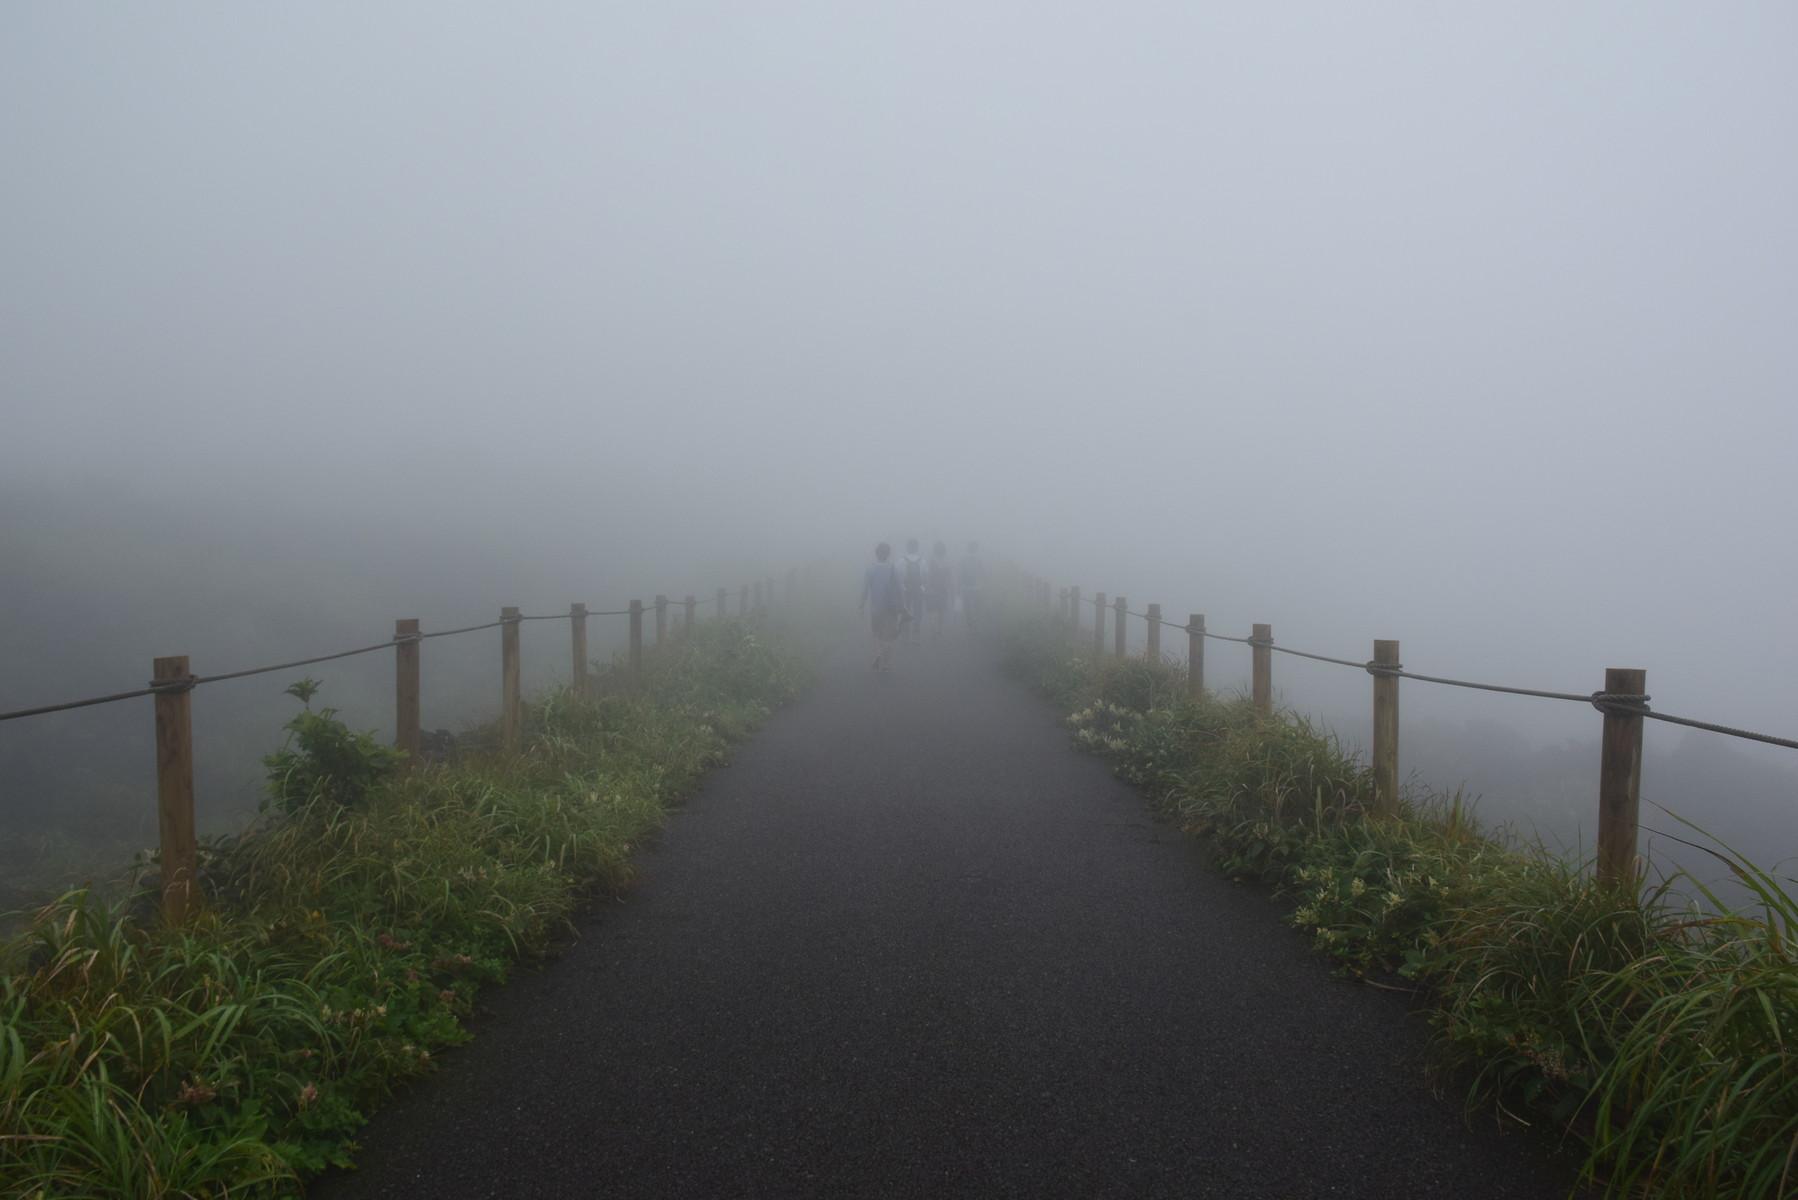 三原山は濃霧に包まれており ...